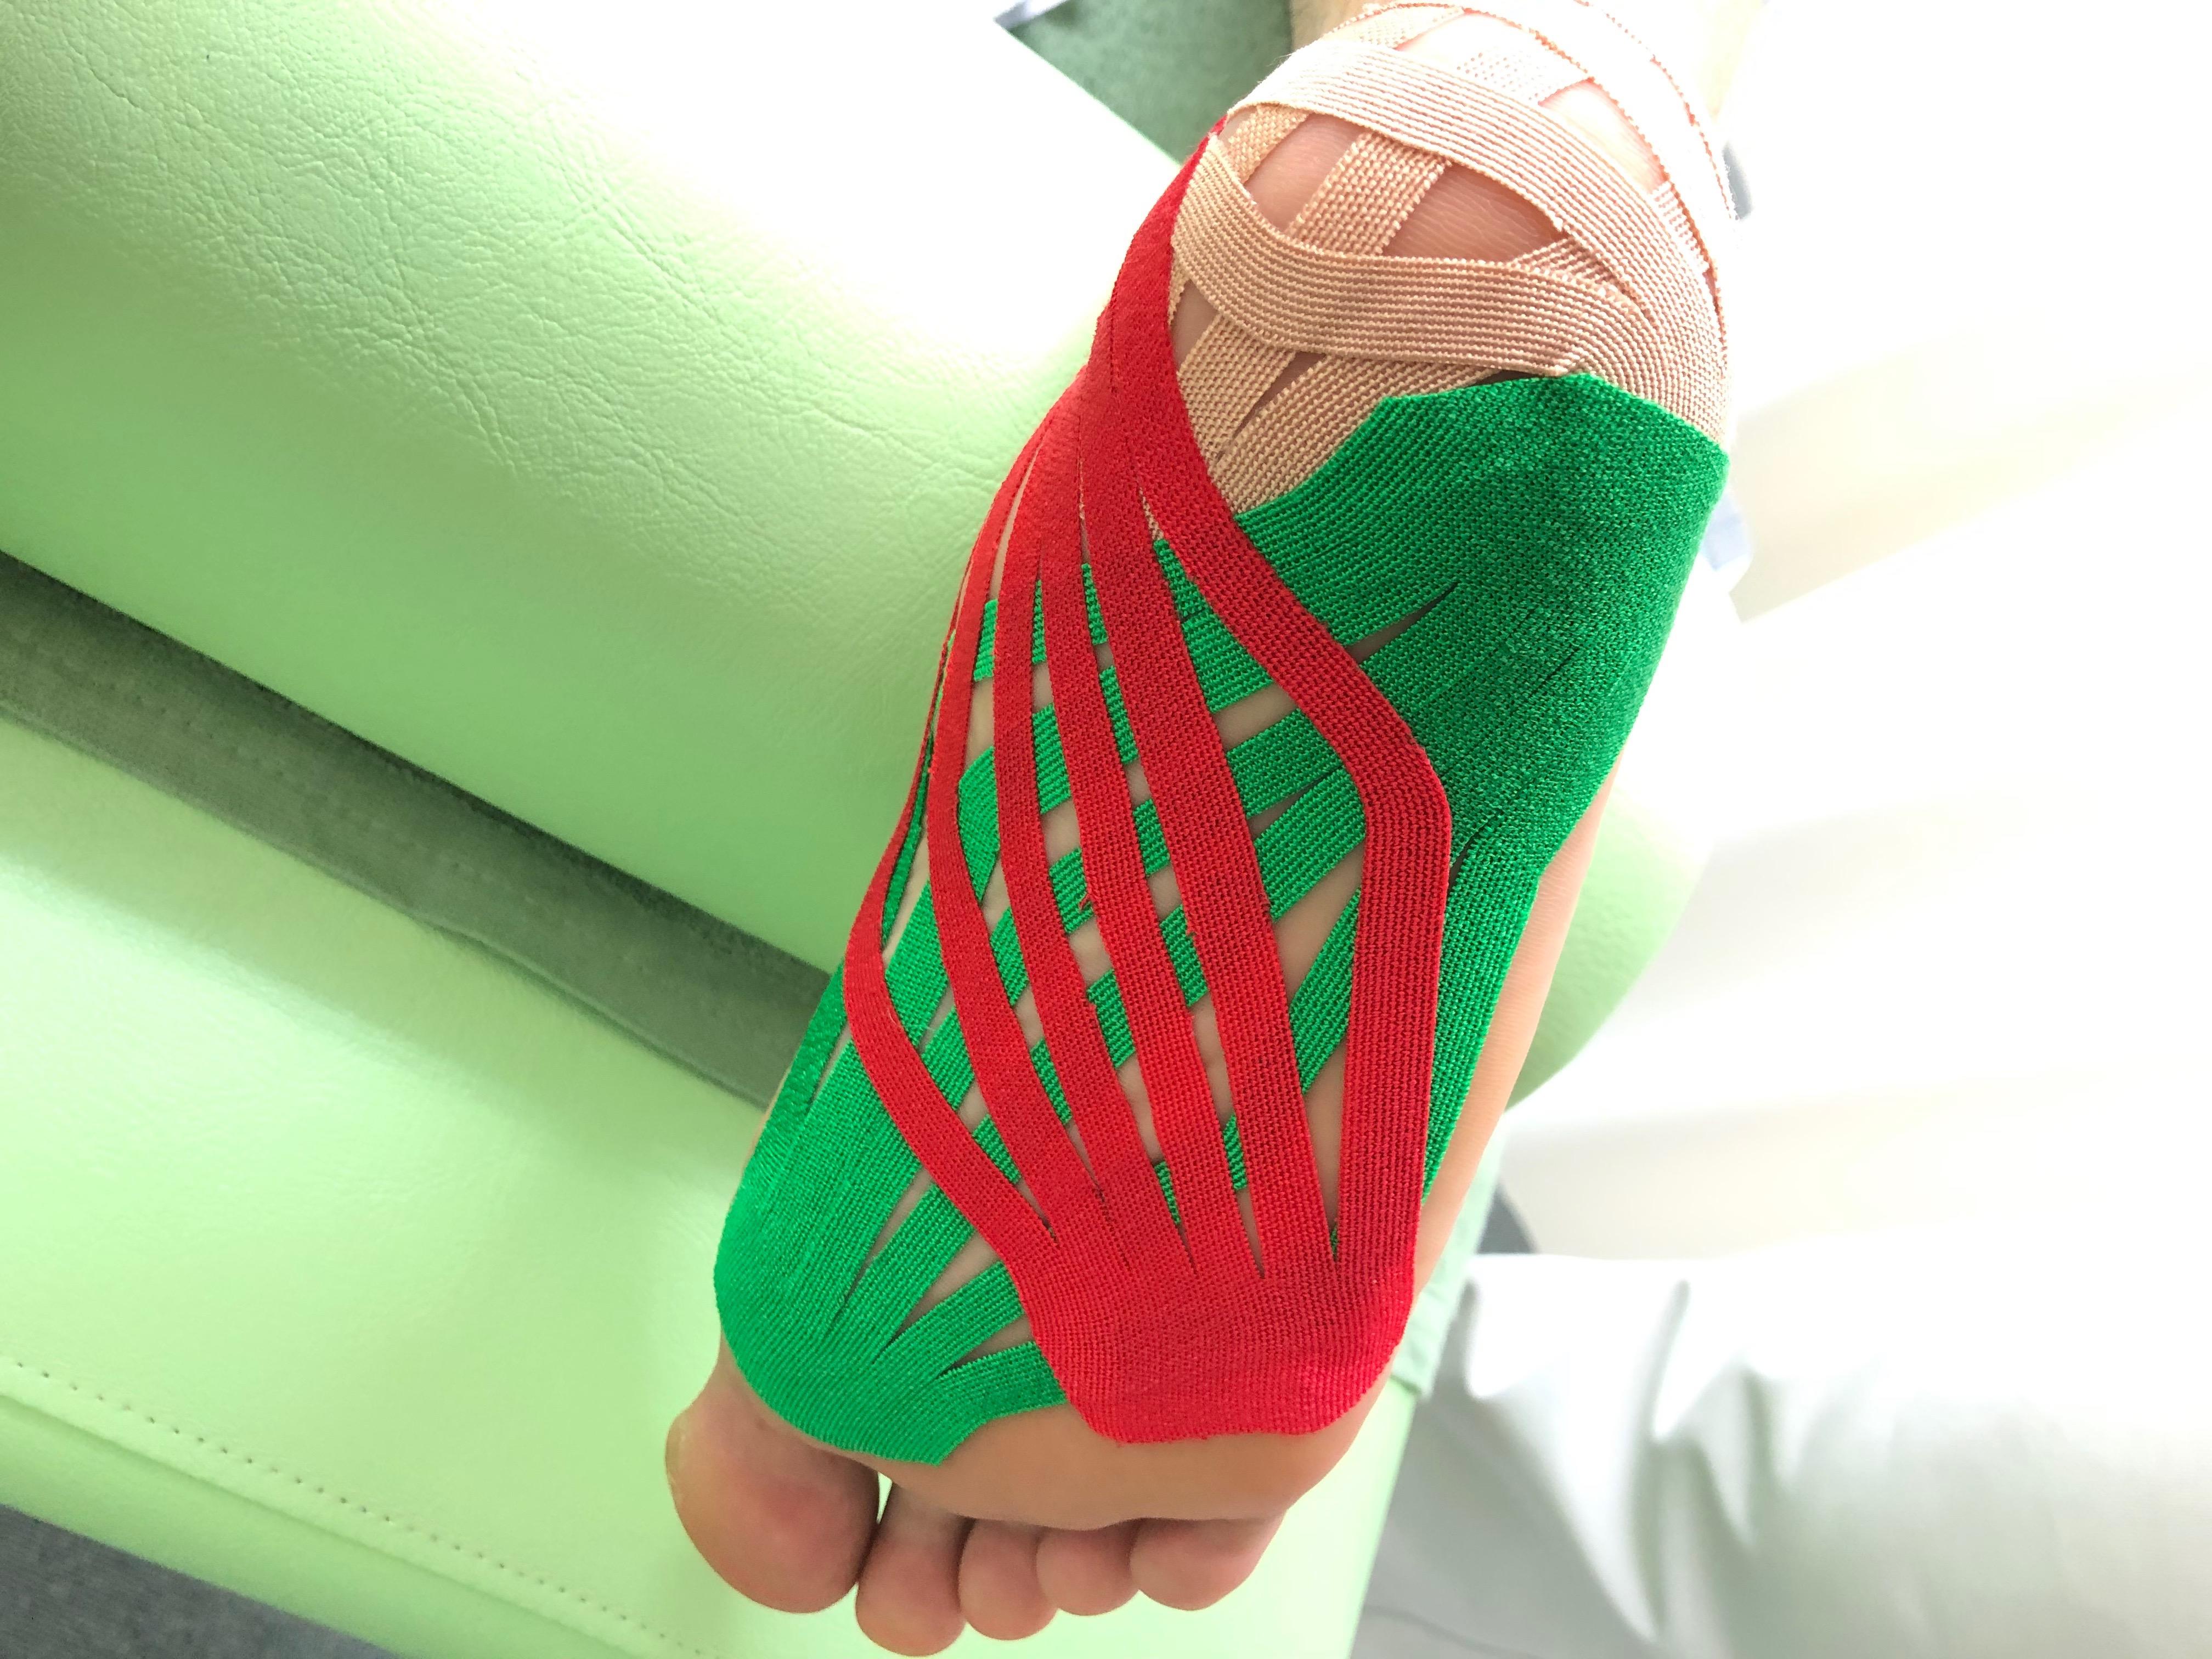 足底筋膜炎に対してのテーピング